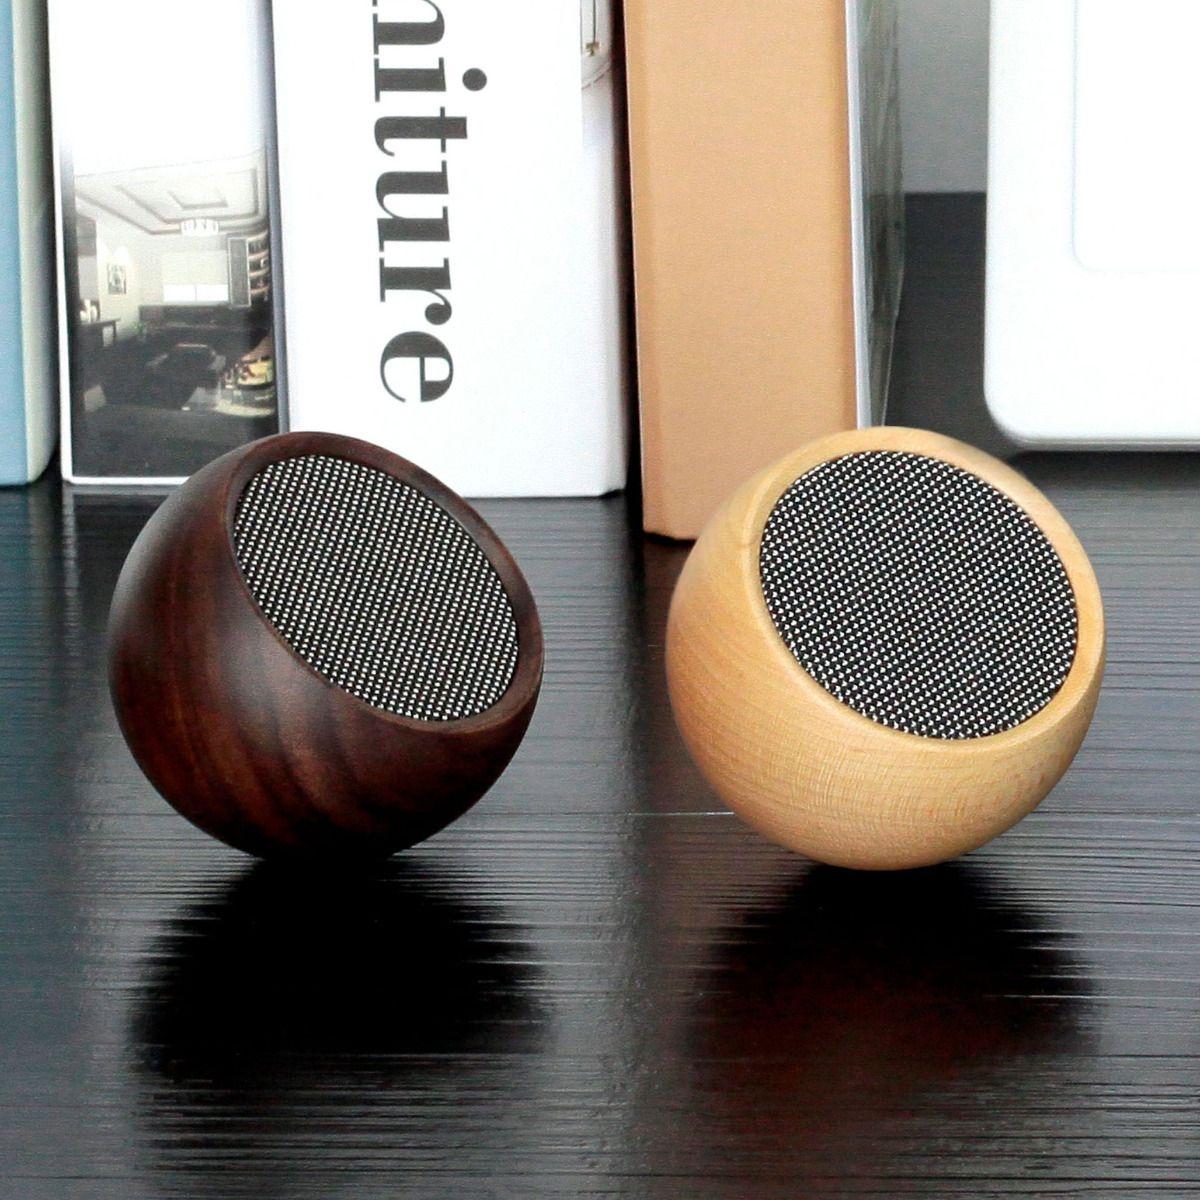 Full Size of Bluetooth Lautsprecher Dusche Mischbatterie Thermostat Rainshower Koralle Ebenerdige Kosten Unterputz Armatur Begehbare Duschen Glasabtrennung Siphon Hüppe Dusche Bluetooth Lautsprecher Dusche